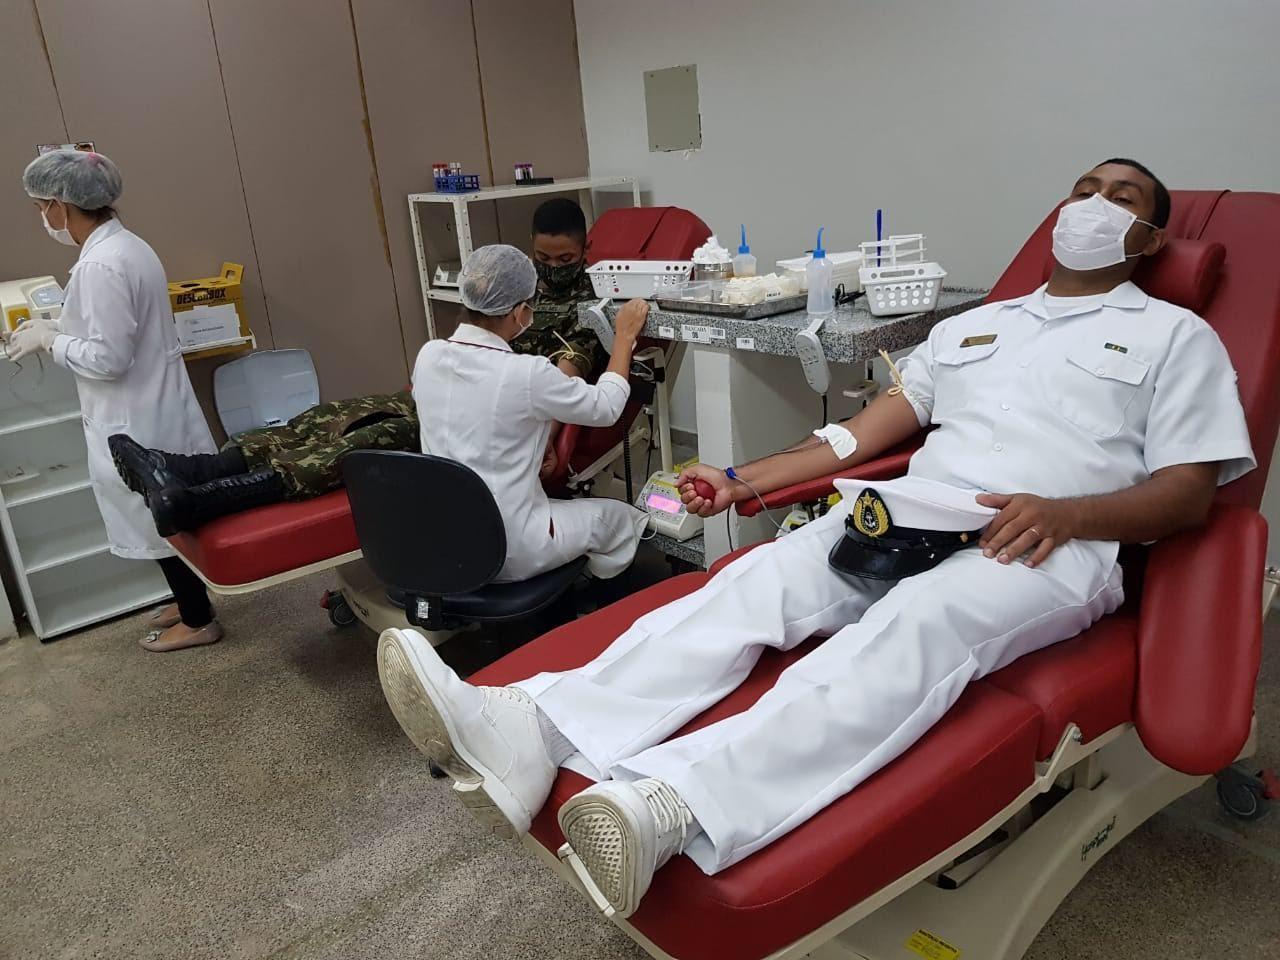 Militares das Forças Armadas fazem doação de sangue ao hemocentro de Campina Grande